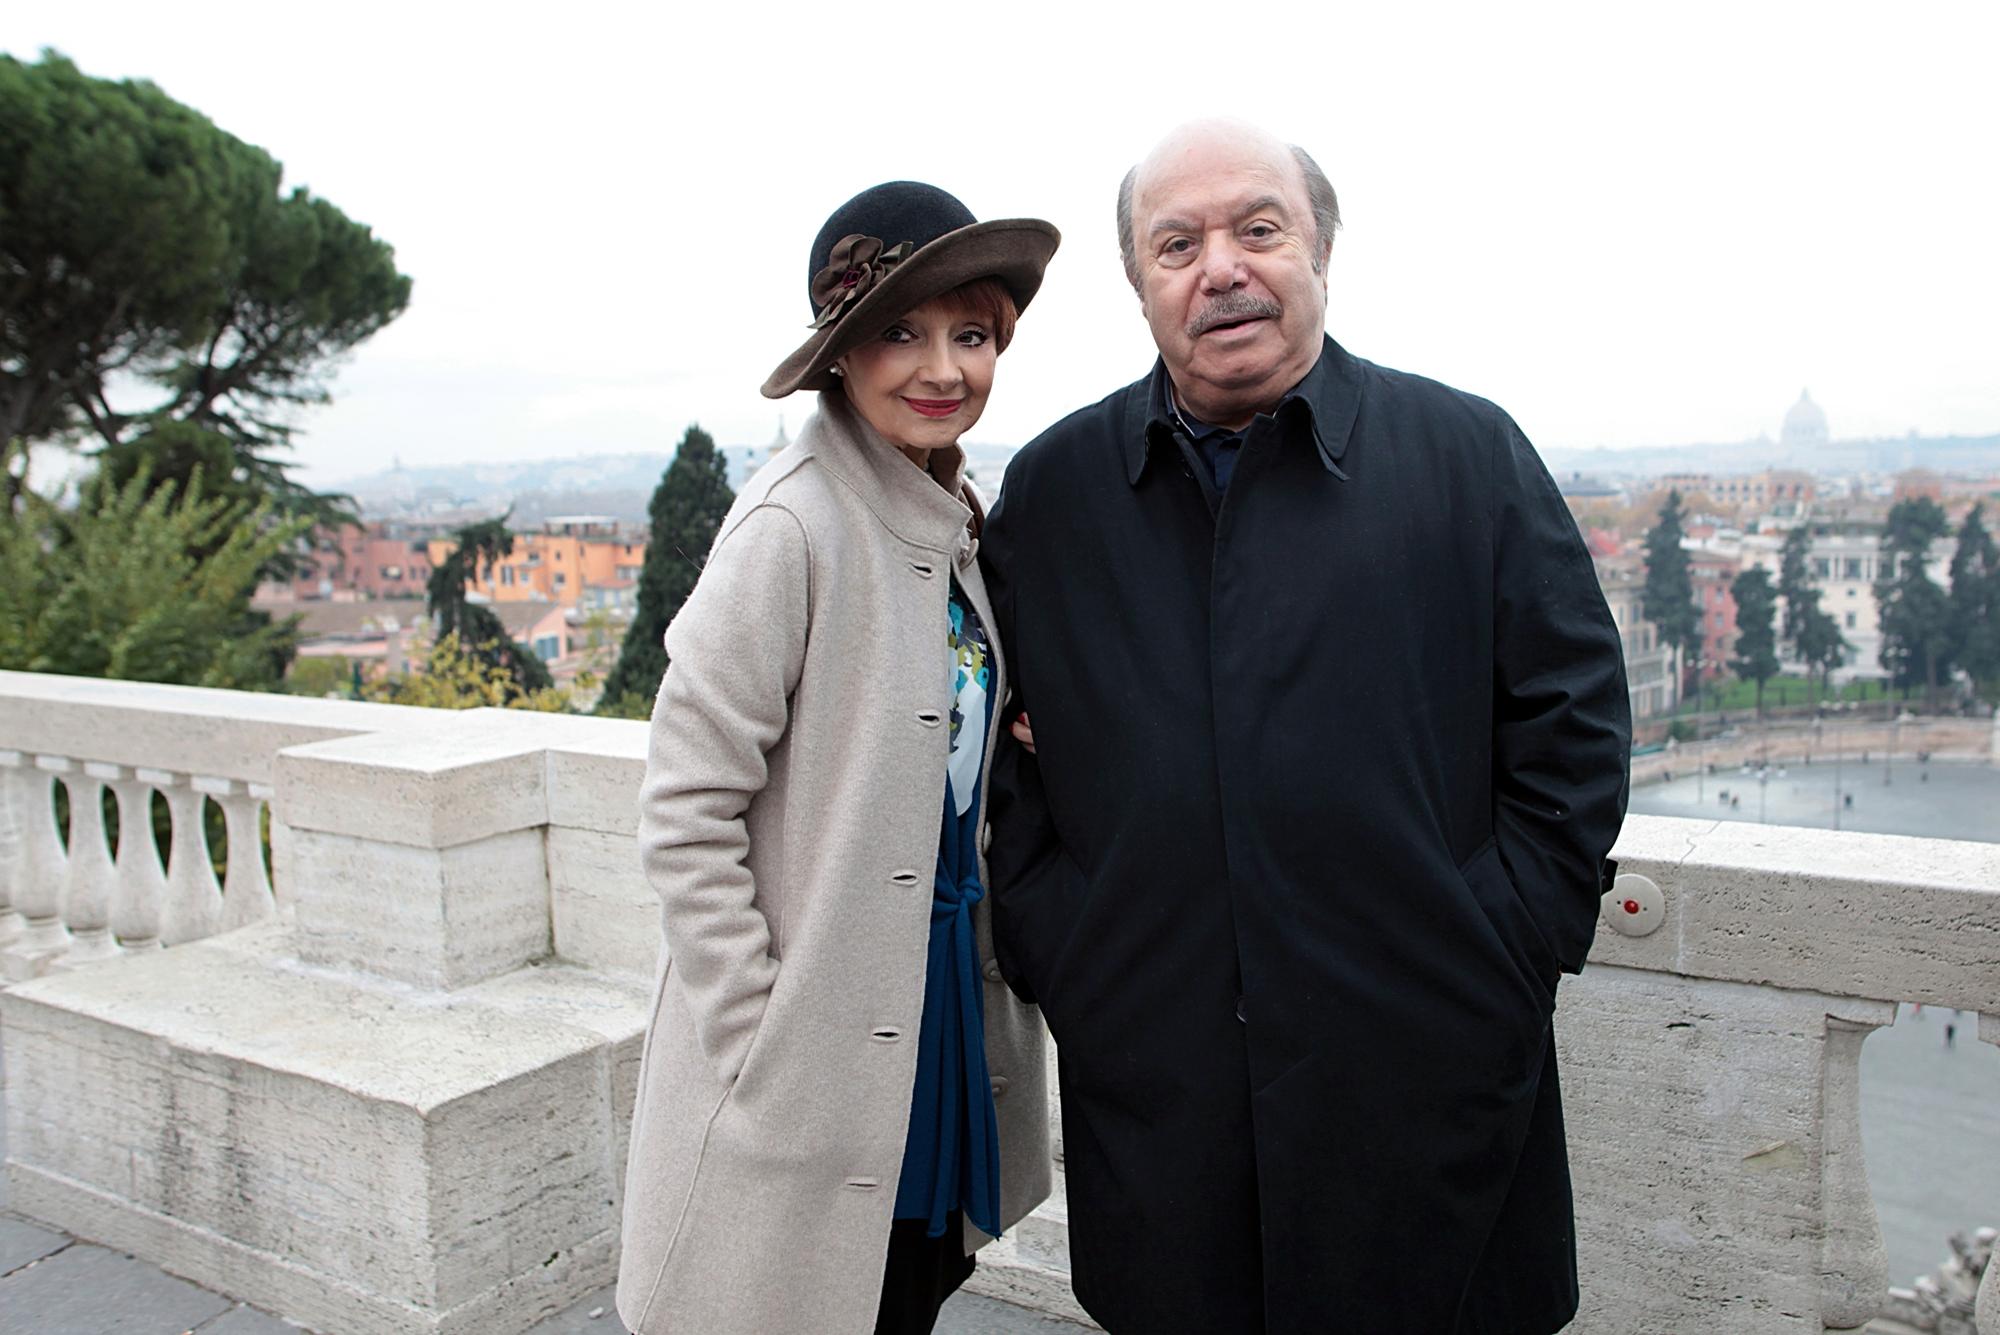 Un medico in famiglia 9: Milena Vukotic e Lino Banfi nell'episodio quattordici